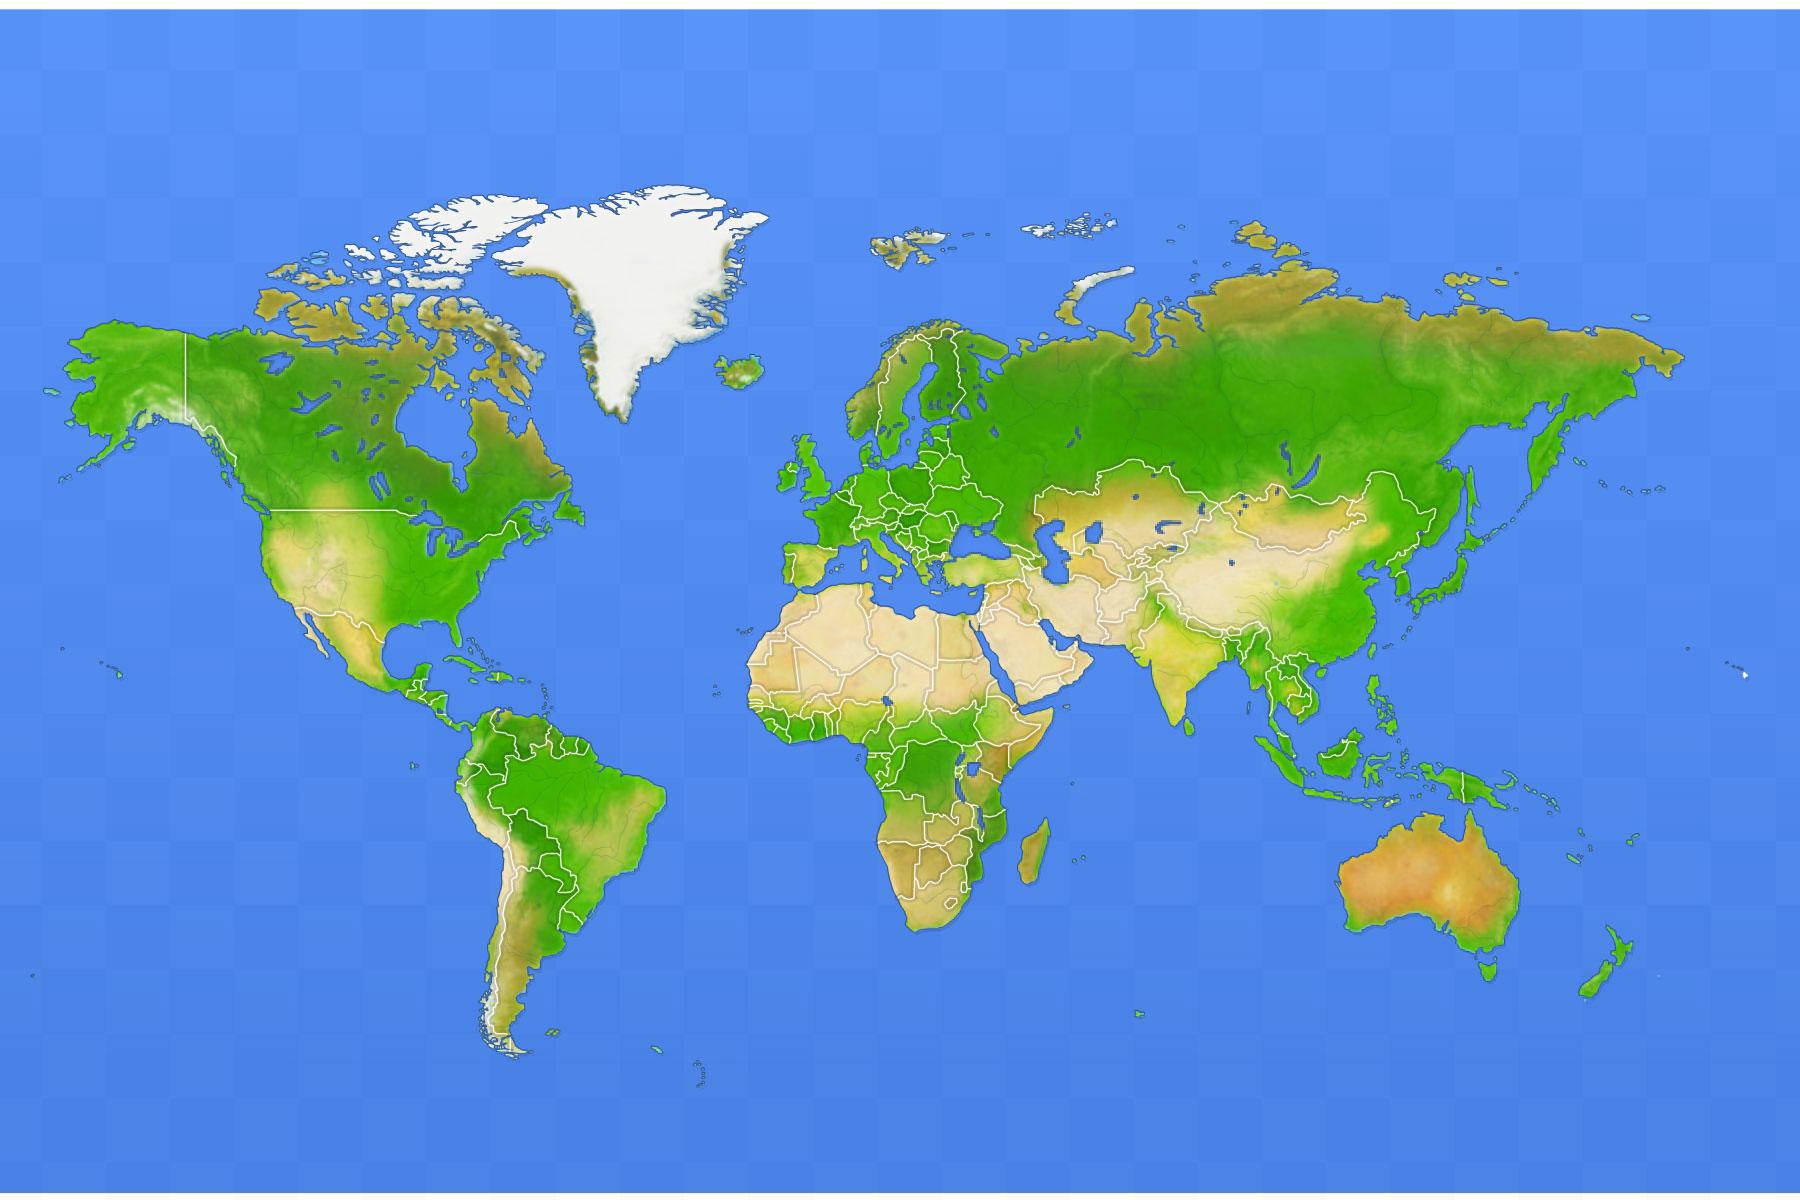 Jeux Geographiquescom Jeux Gratuits Jeu Villes Du Monde